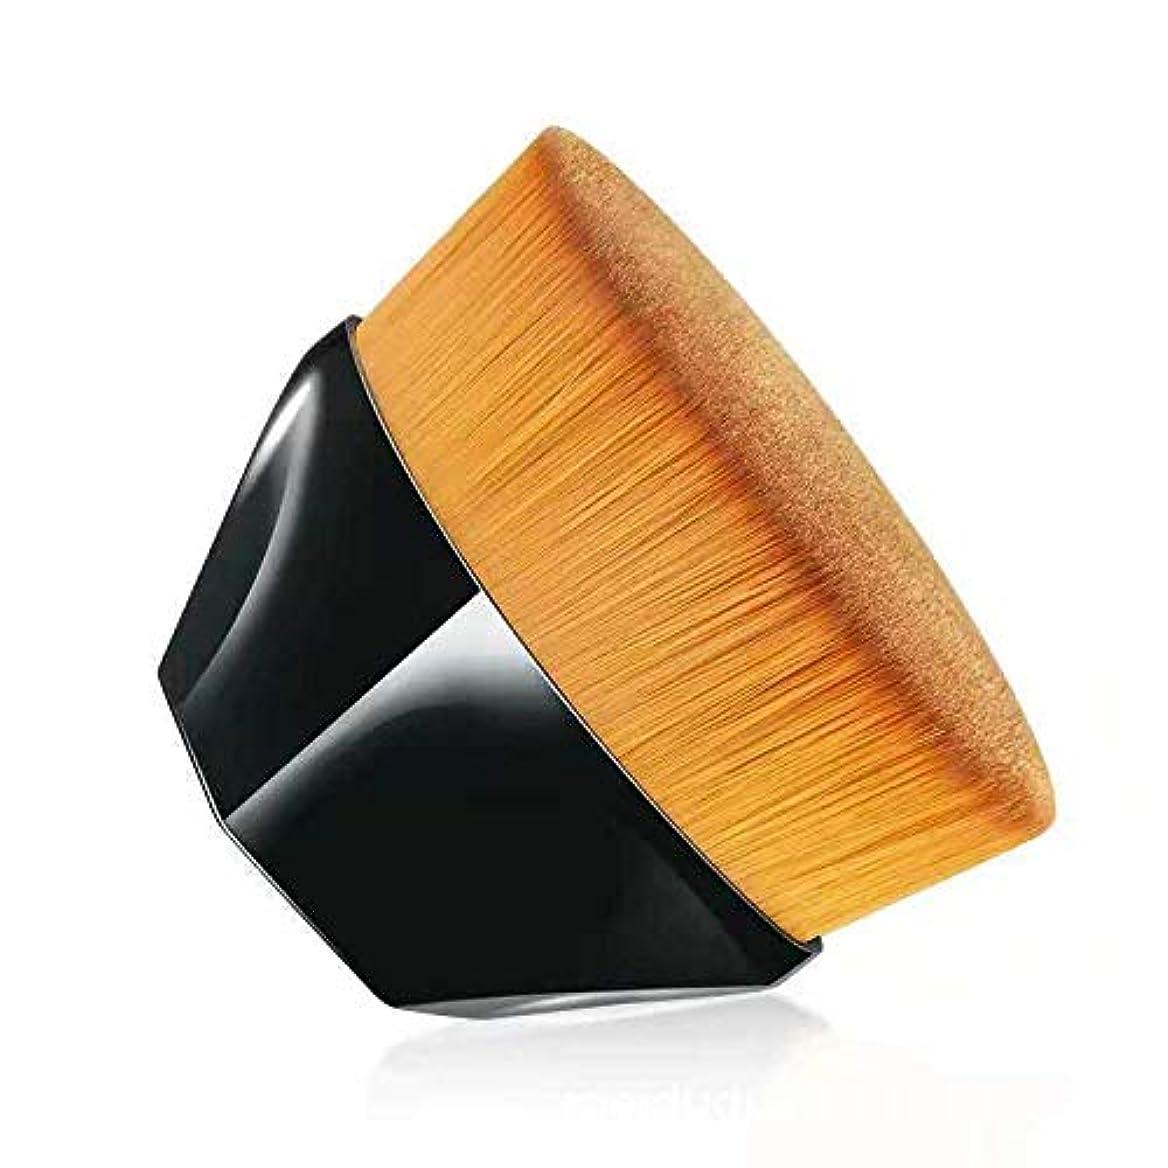 大量通信する住居柔らかい高級繊維毛化粧ブラシ 携帯便利メイクアップブラシ?肌にやさしいファンデーションブラシ?化粧筆 (ブラック)